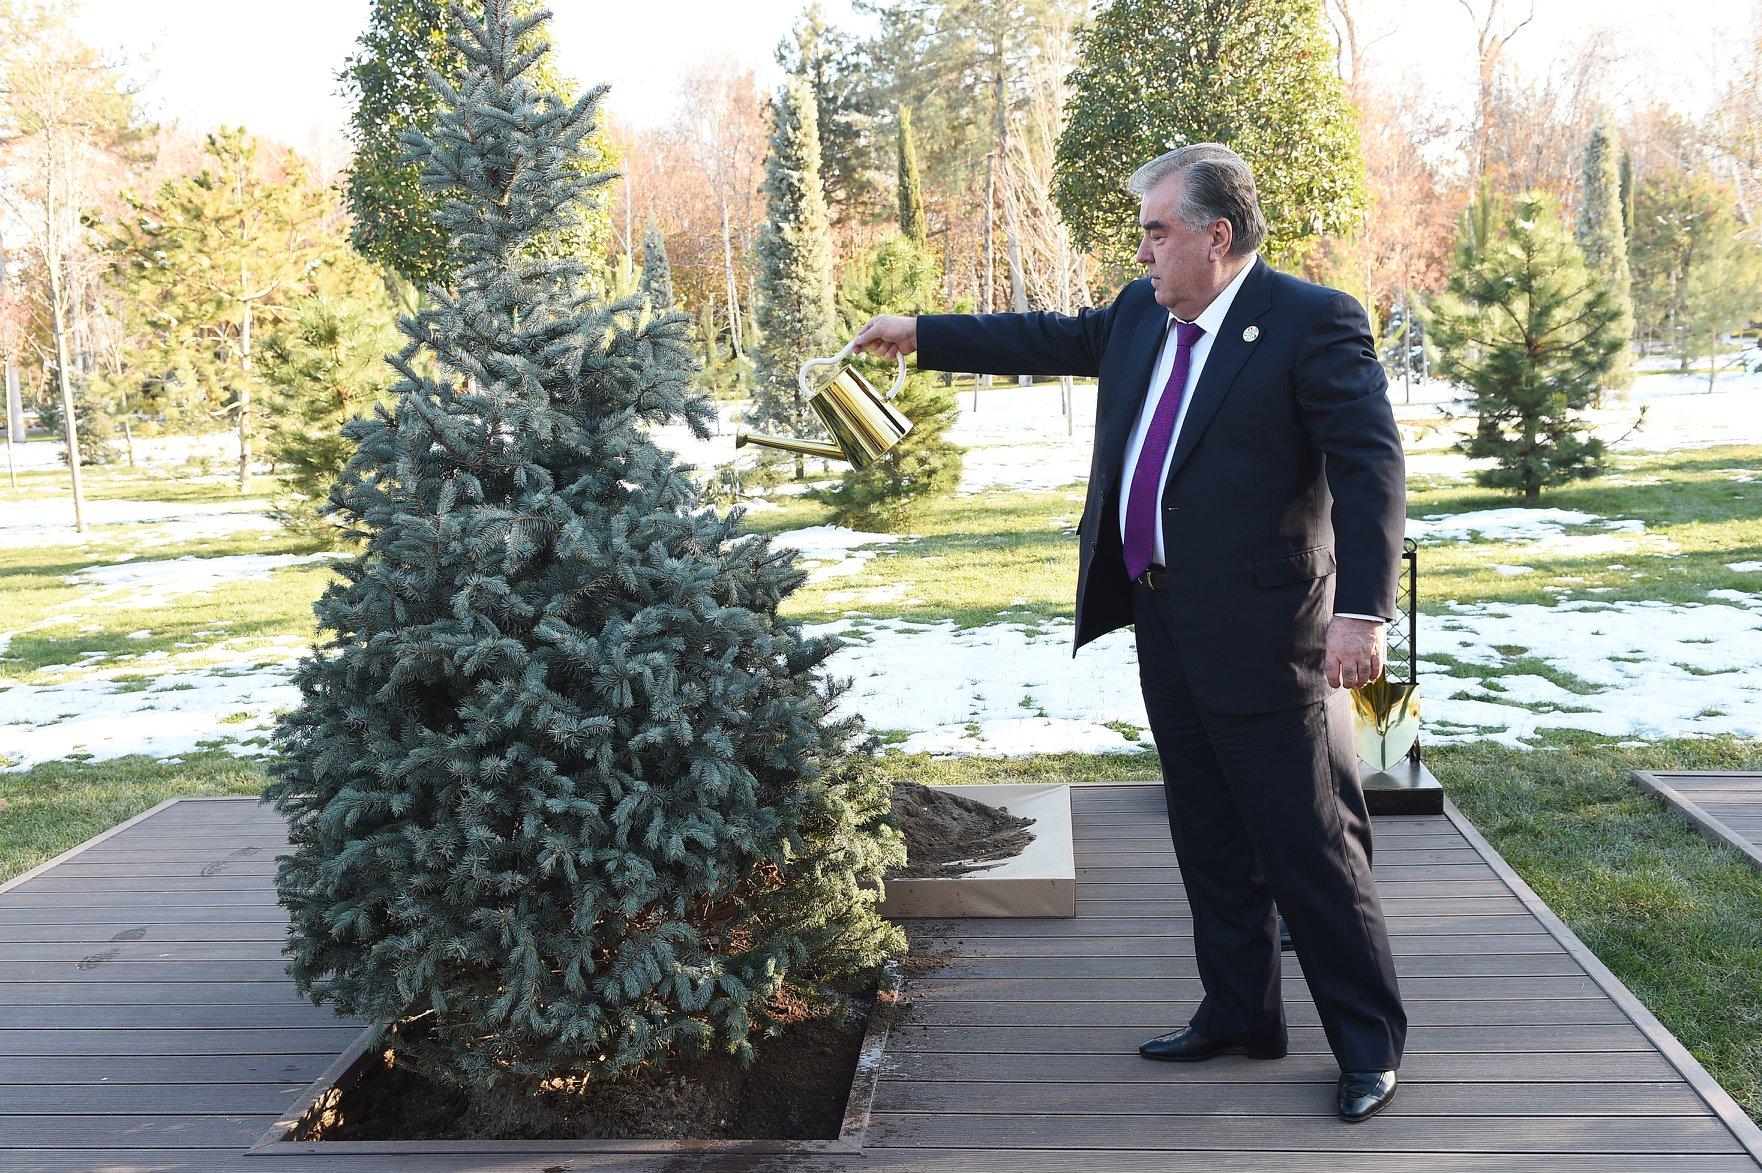 Tadschikistans Präsident Rahmon beim Pflanzen eines der Bäume